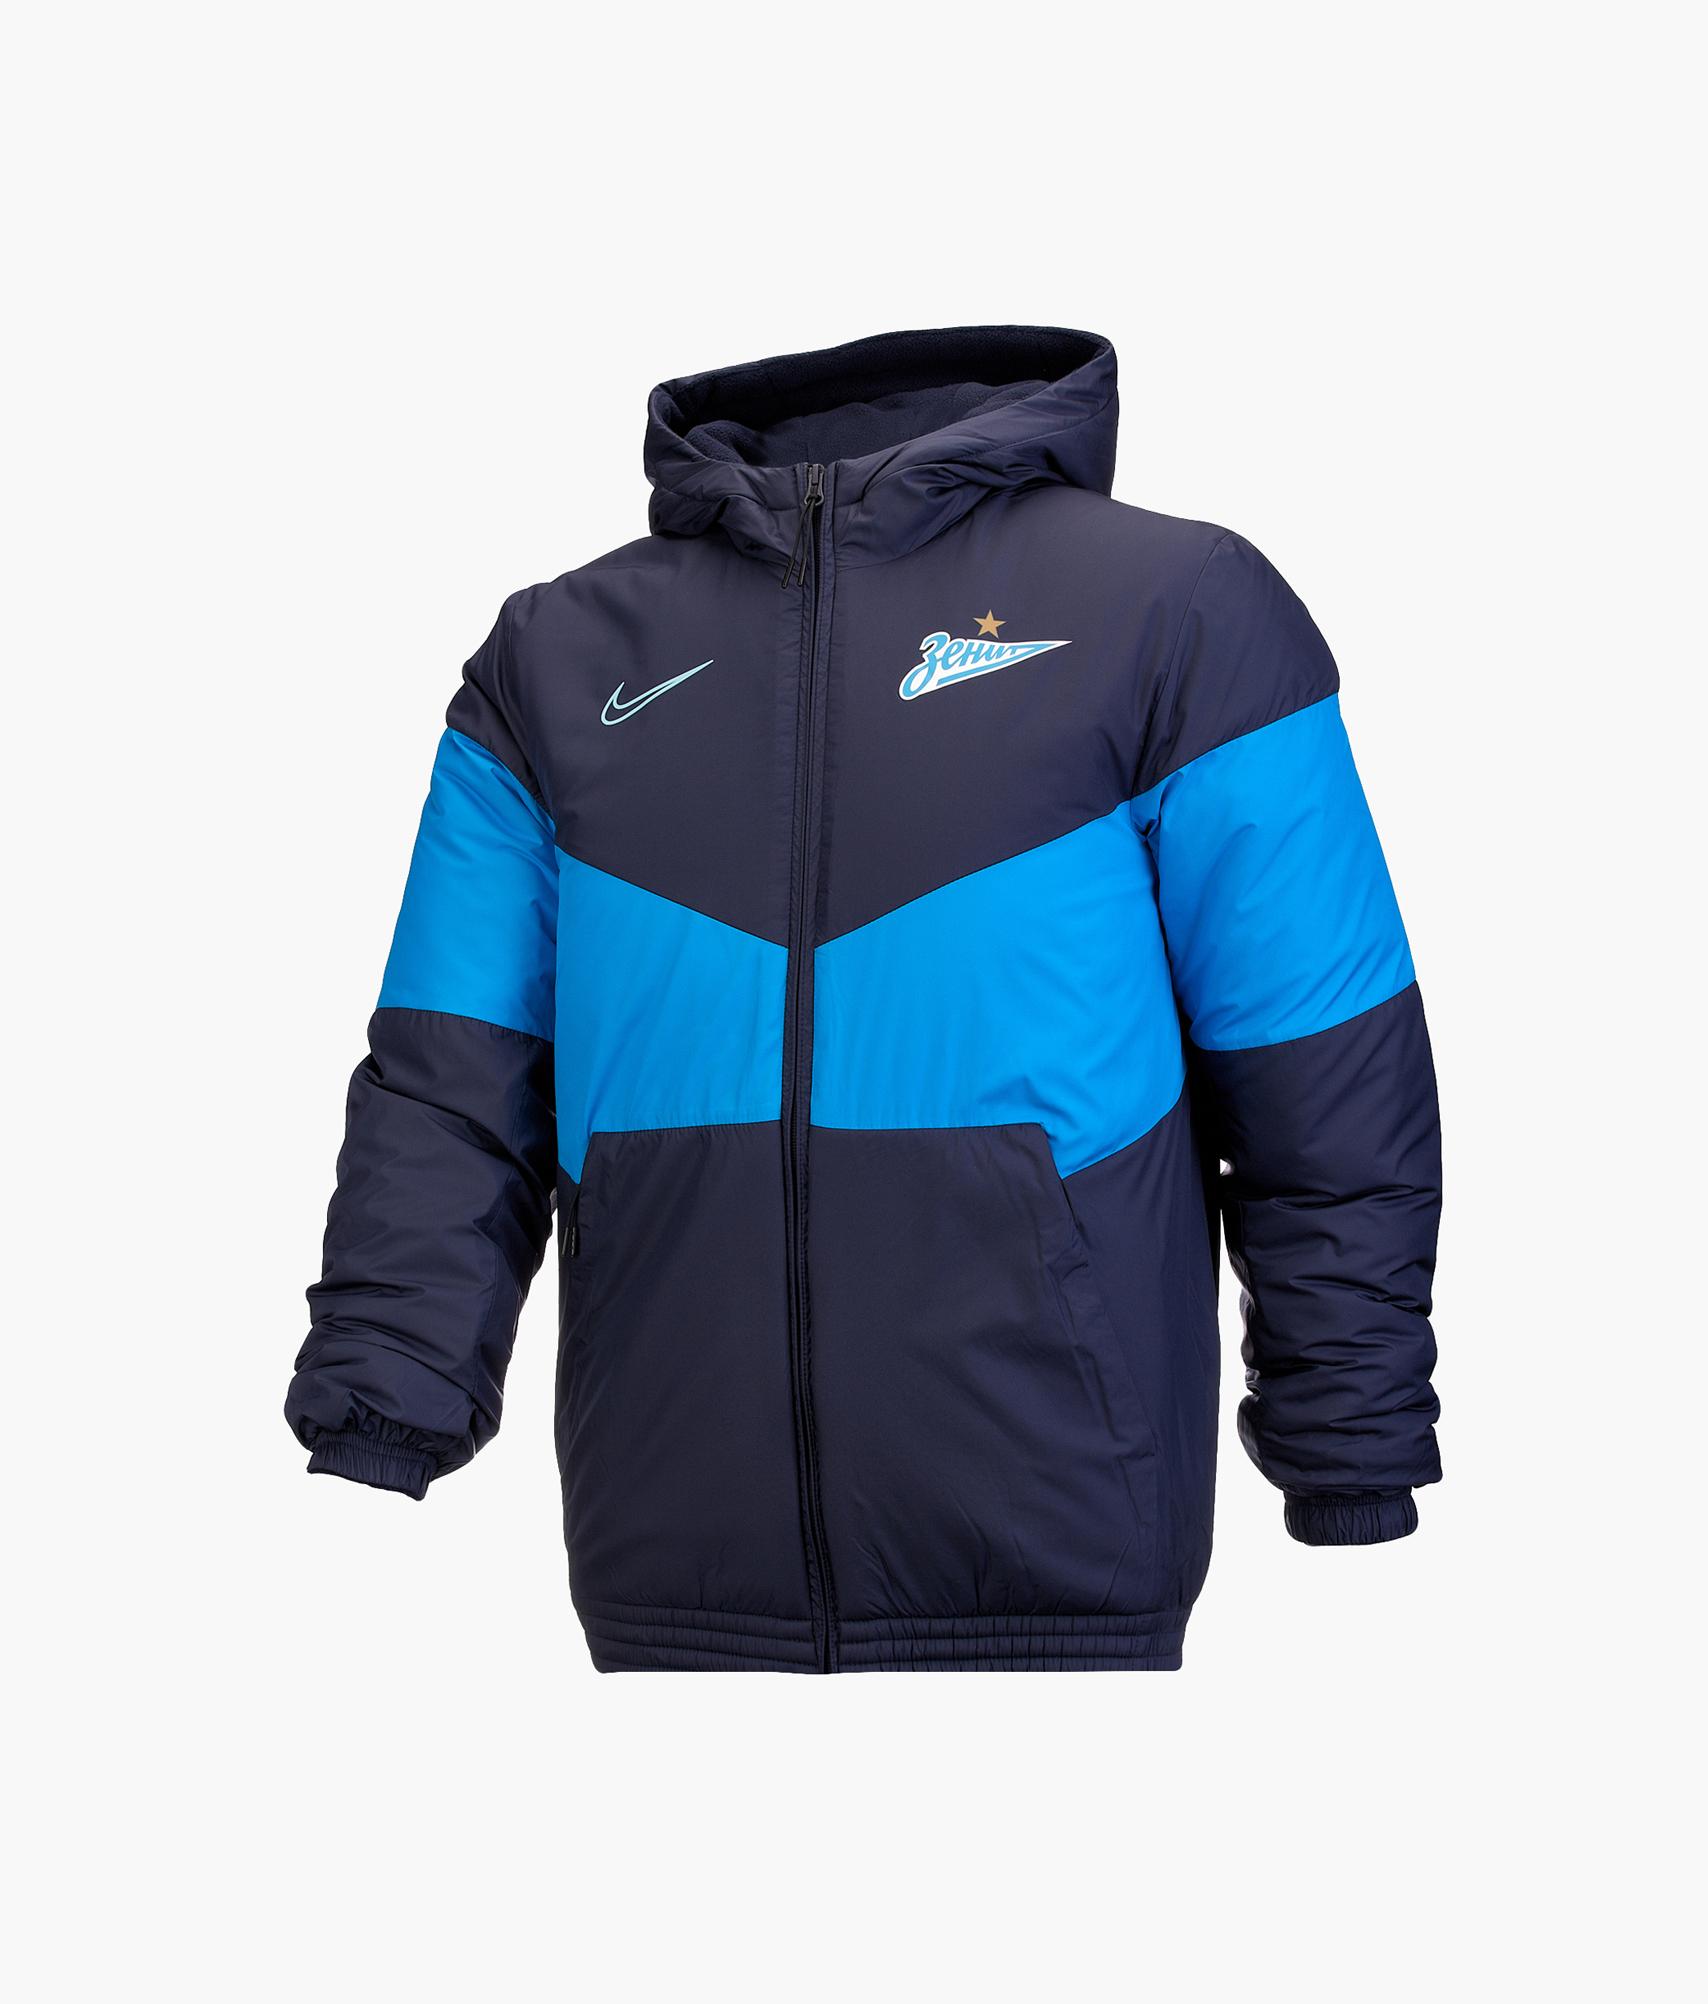 Куртка утепленная Nike Nike Цвет-Темно-Синий куртка утепленная подростковая nike цвет синий